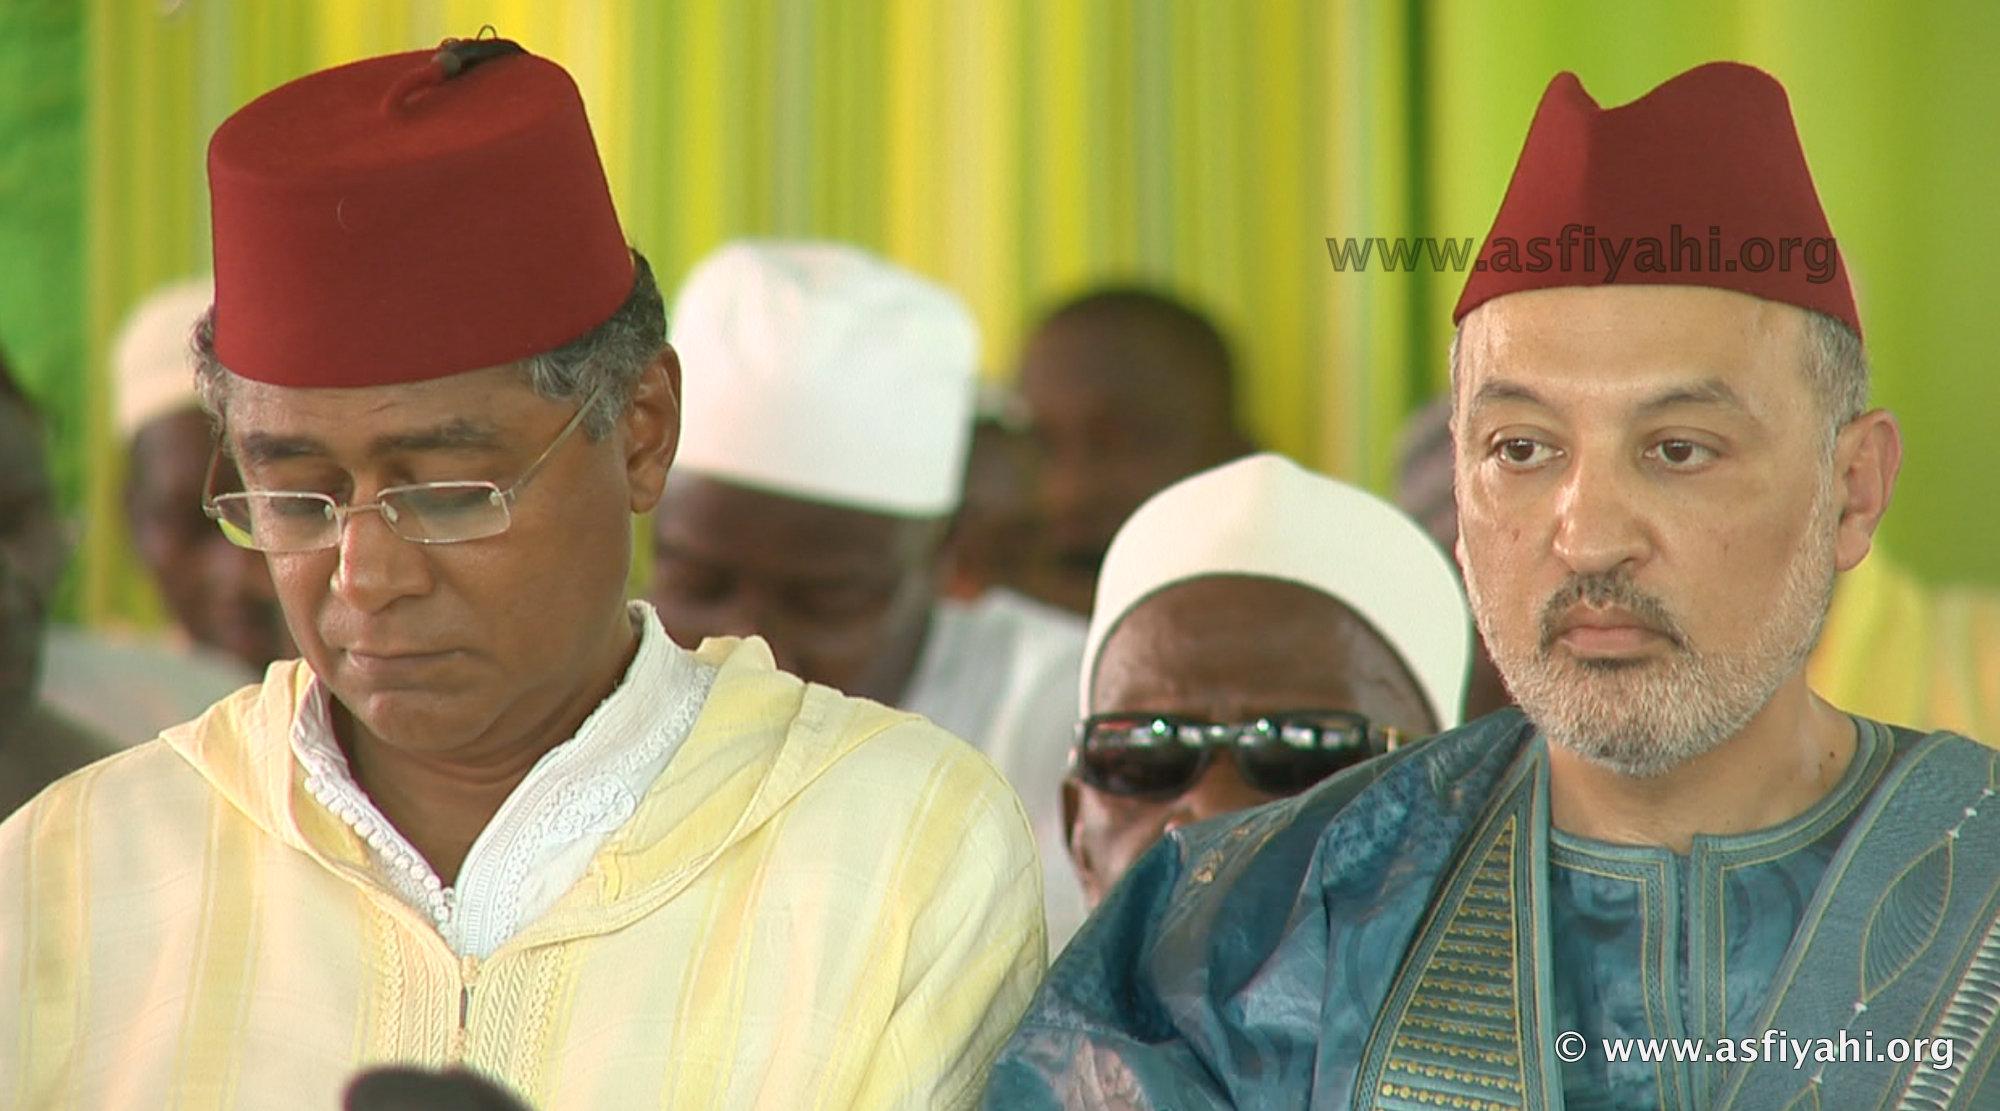 Sénégal-Achoura : Le Maroc prend part aux journées culturelles de la famille Sy à Tivaouane